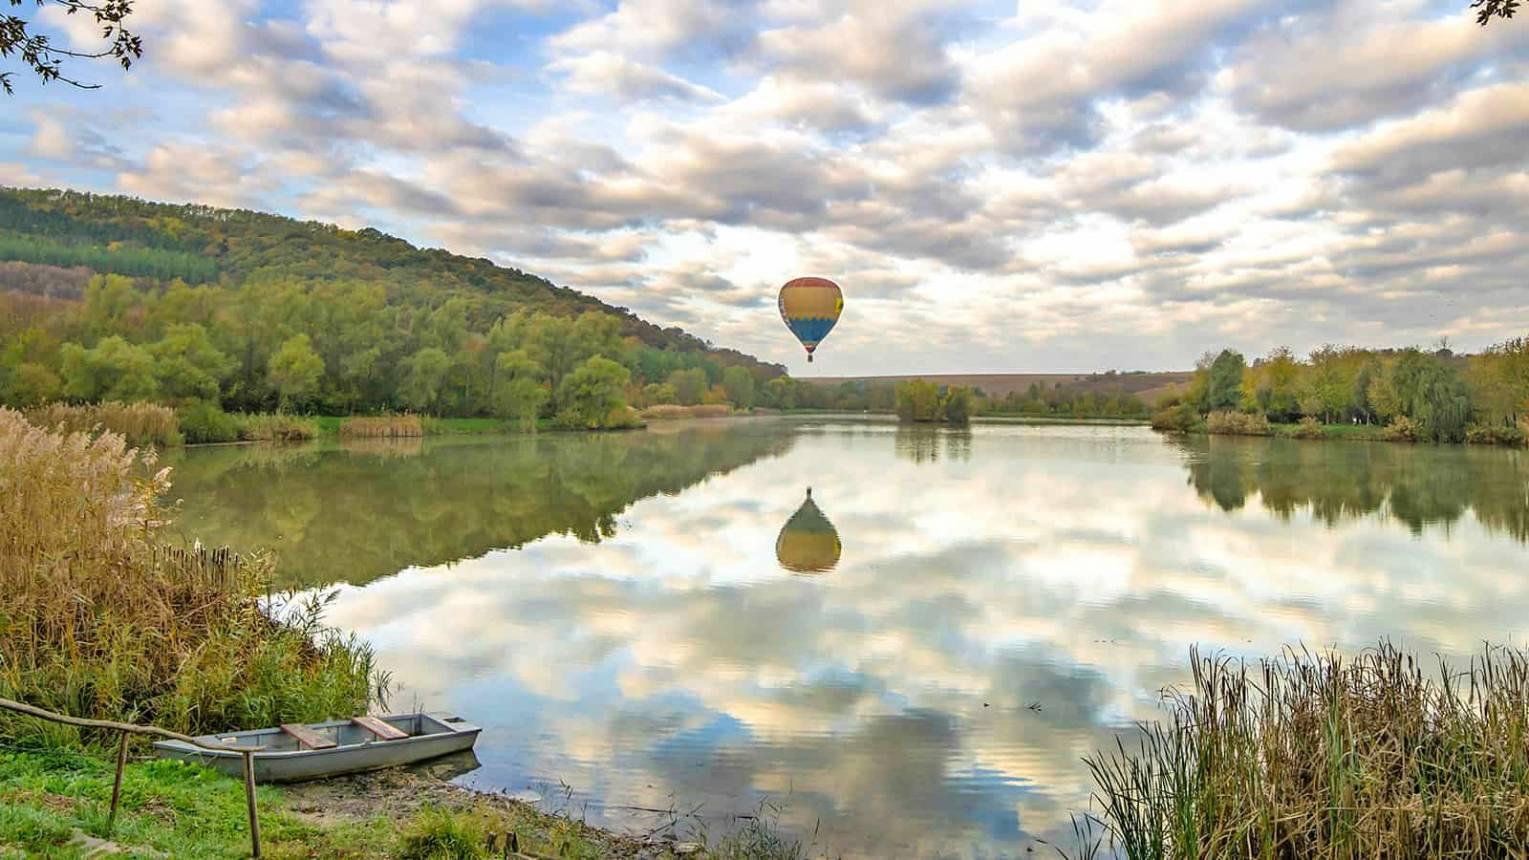 Hőlégballonozás Szekszárd felett 2 fő részére